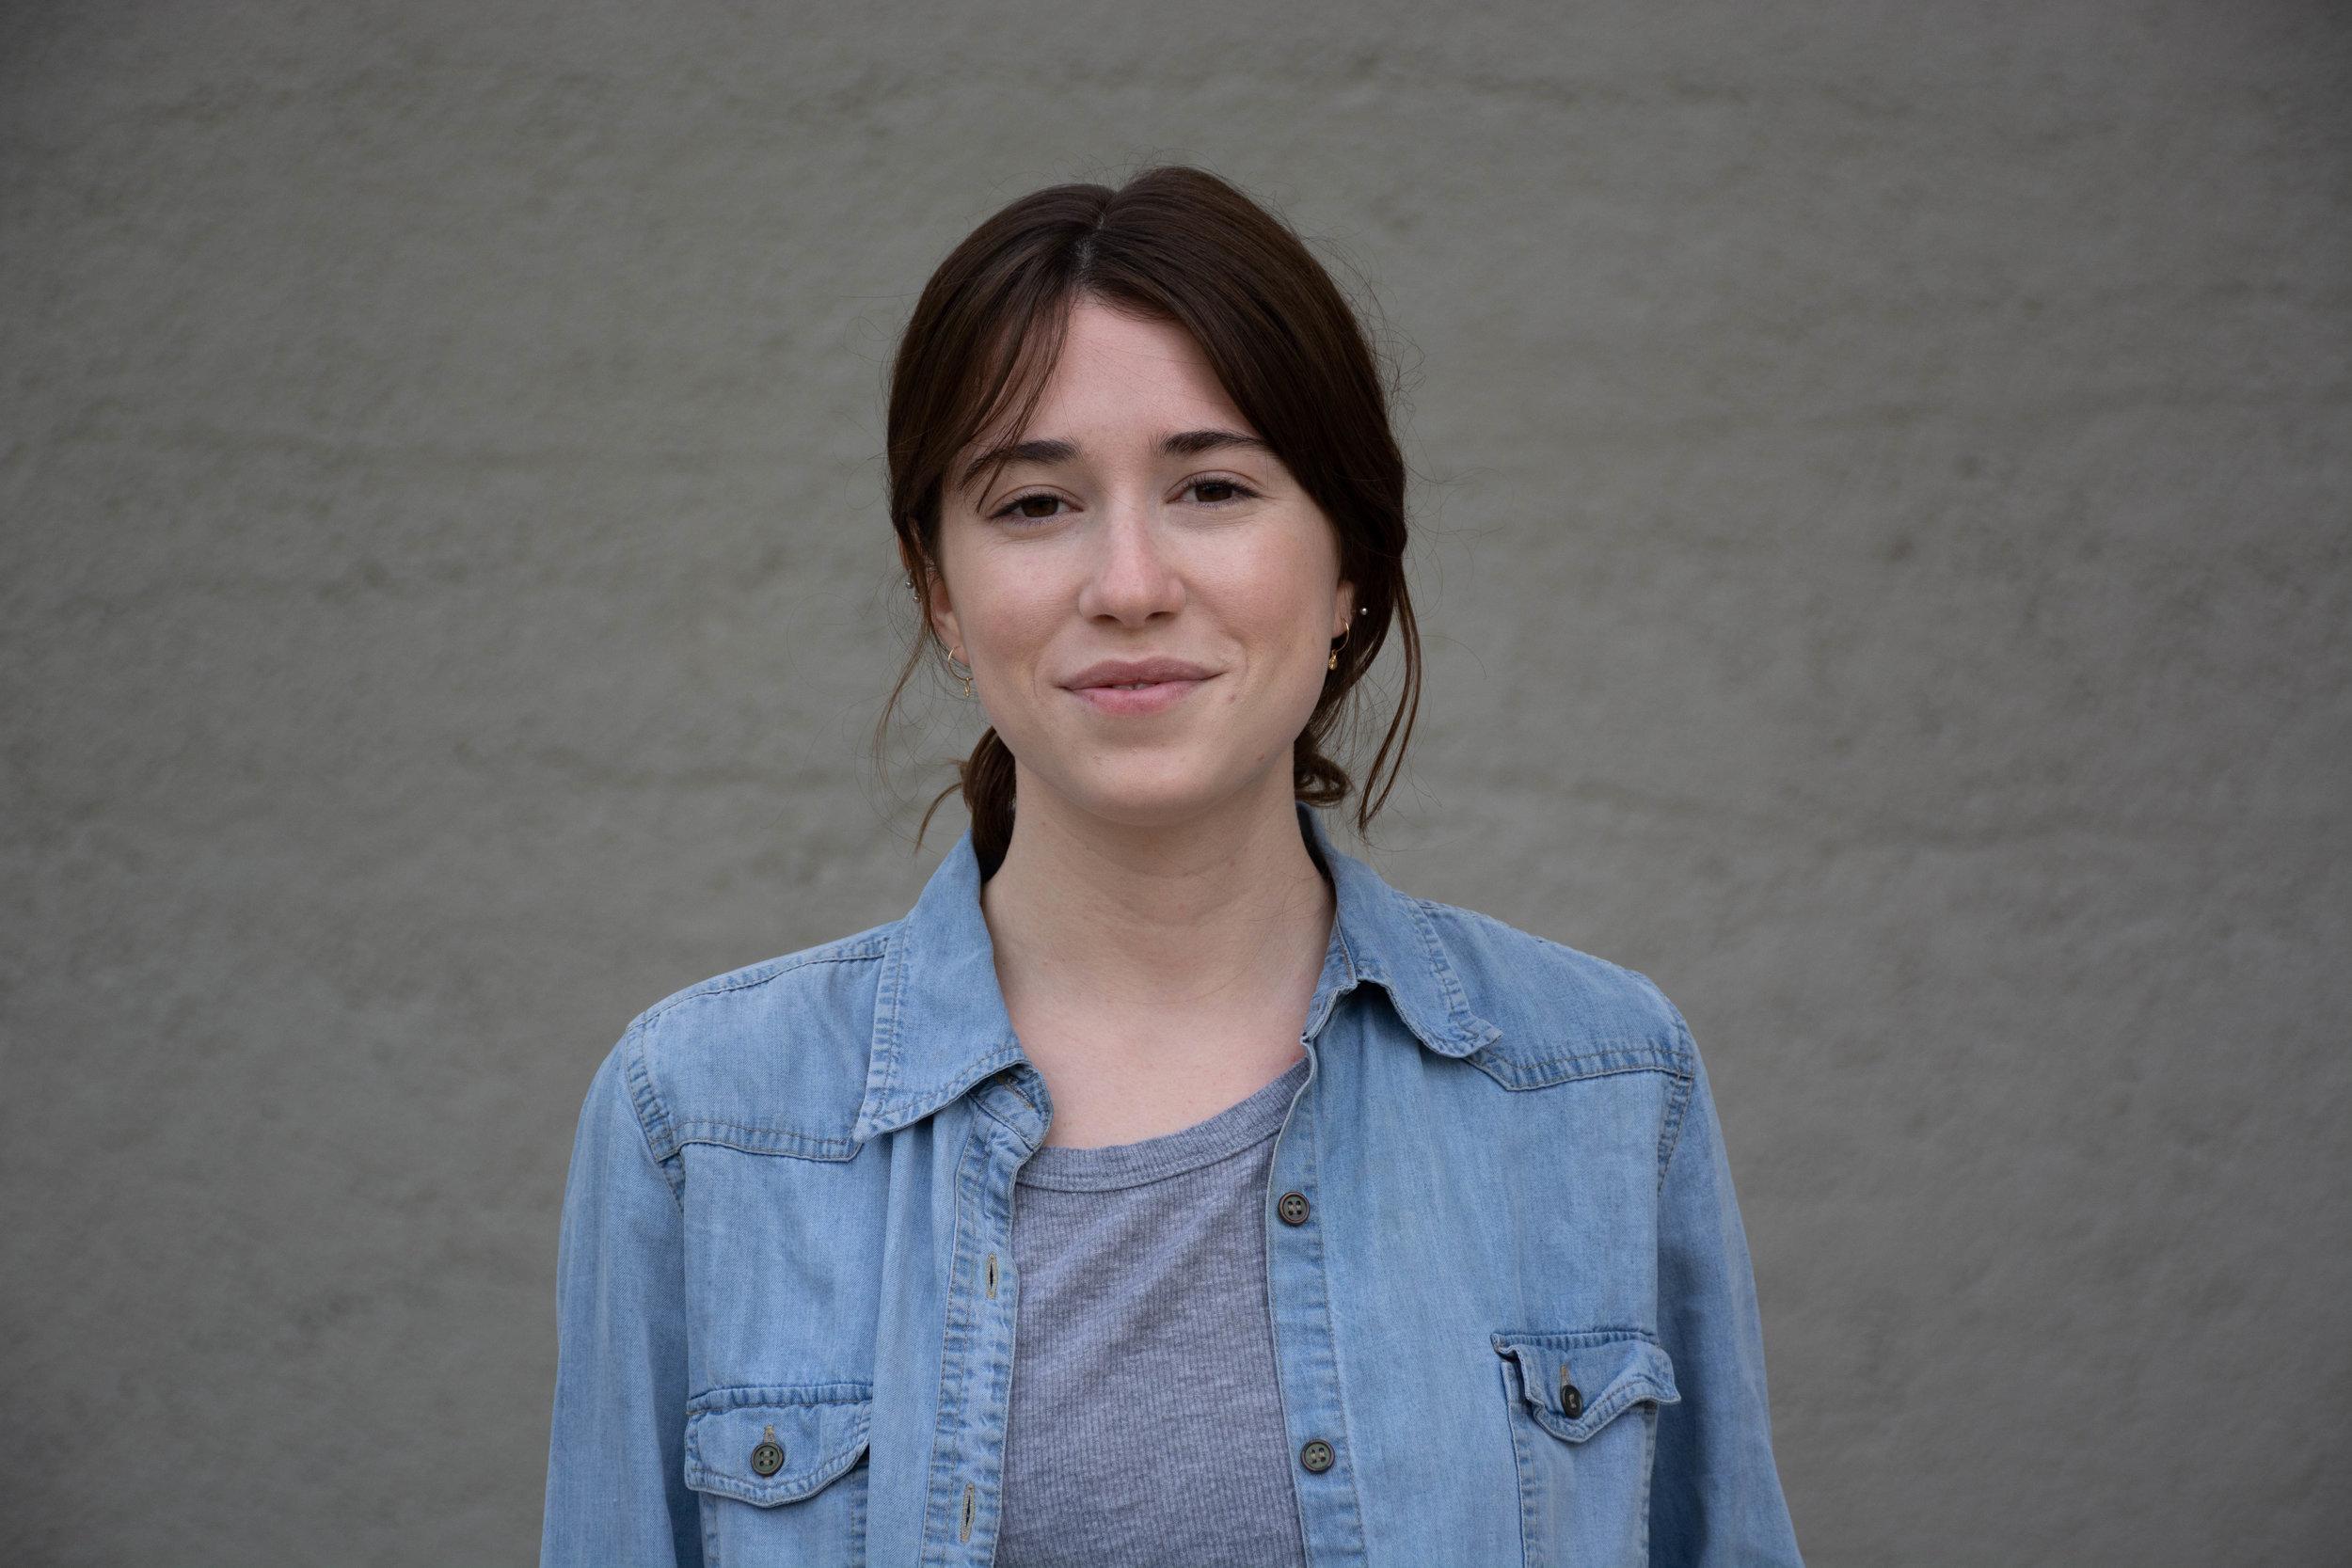 Julie Toiberman